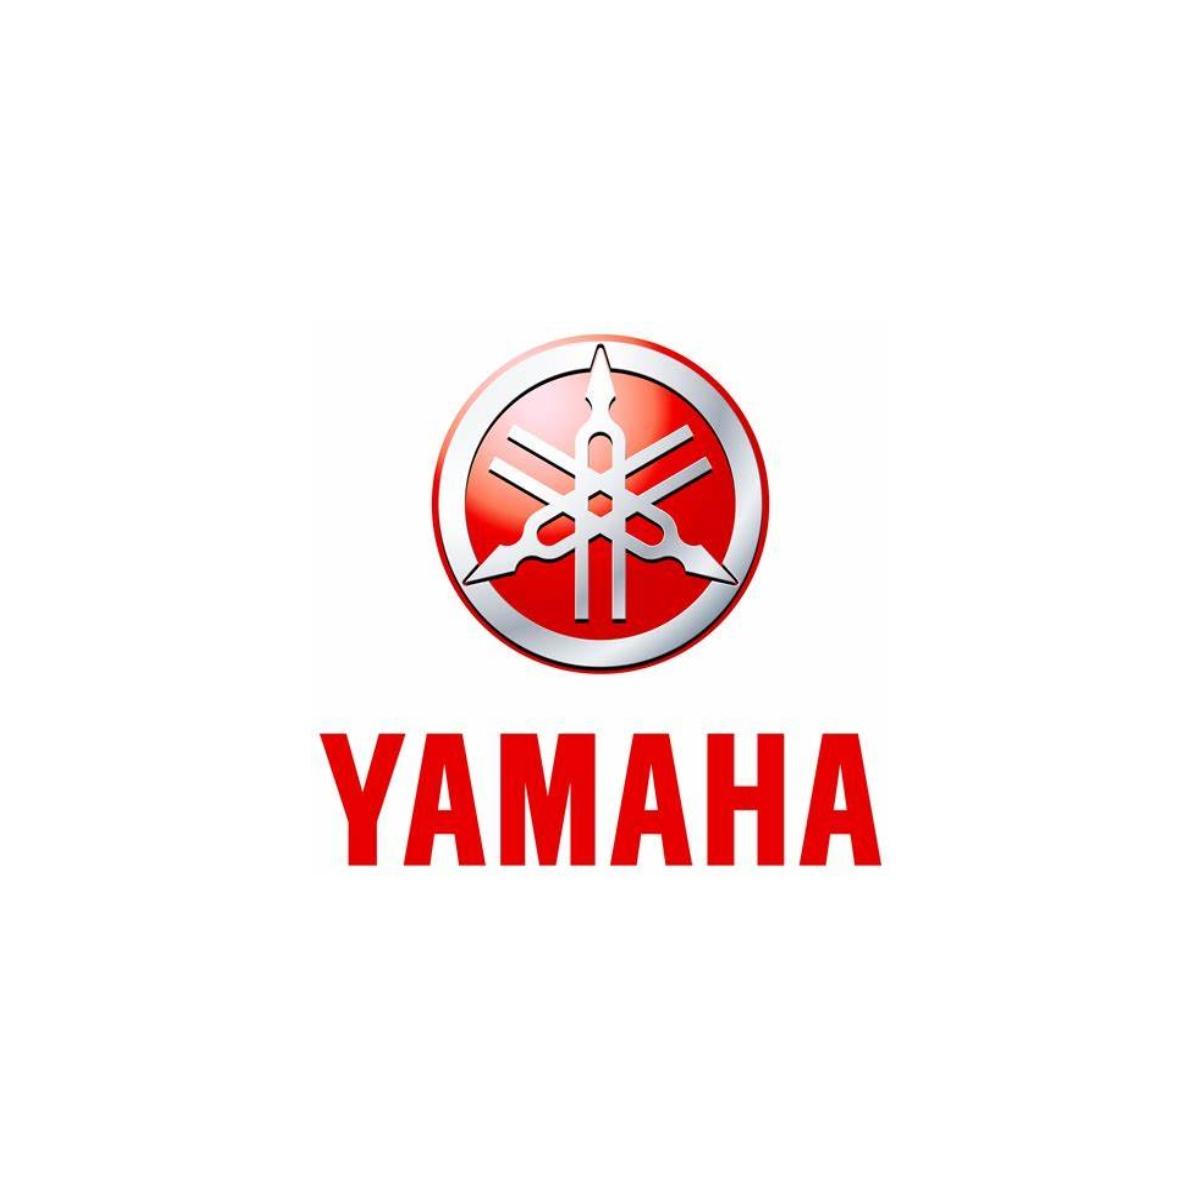 Corrente Comando Yamaha Fx Sho  - Radical Peças - Peças para Jet Ski